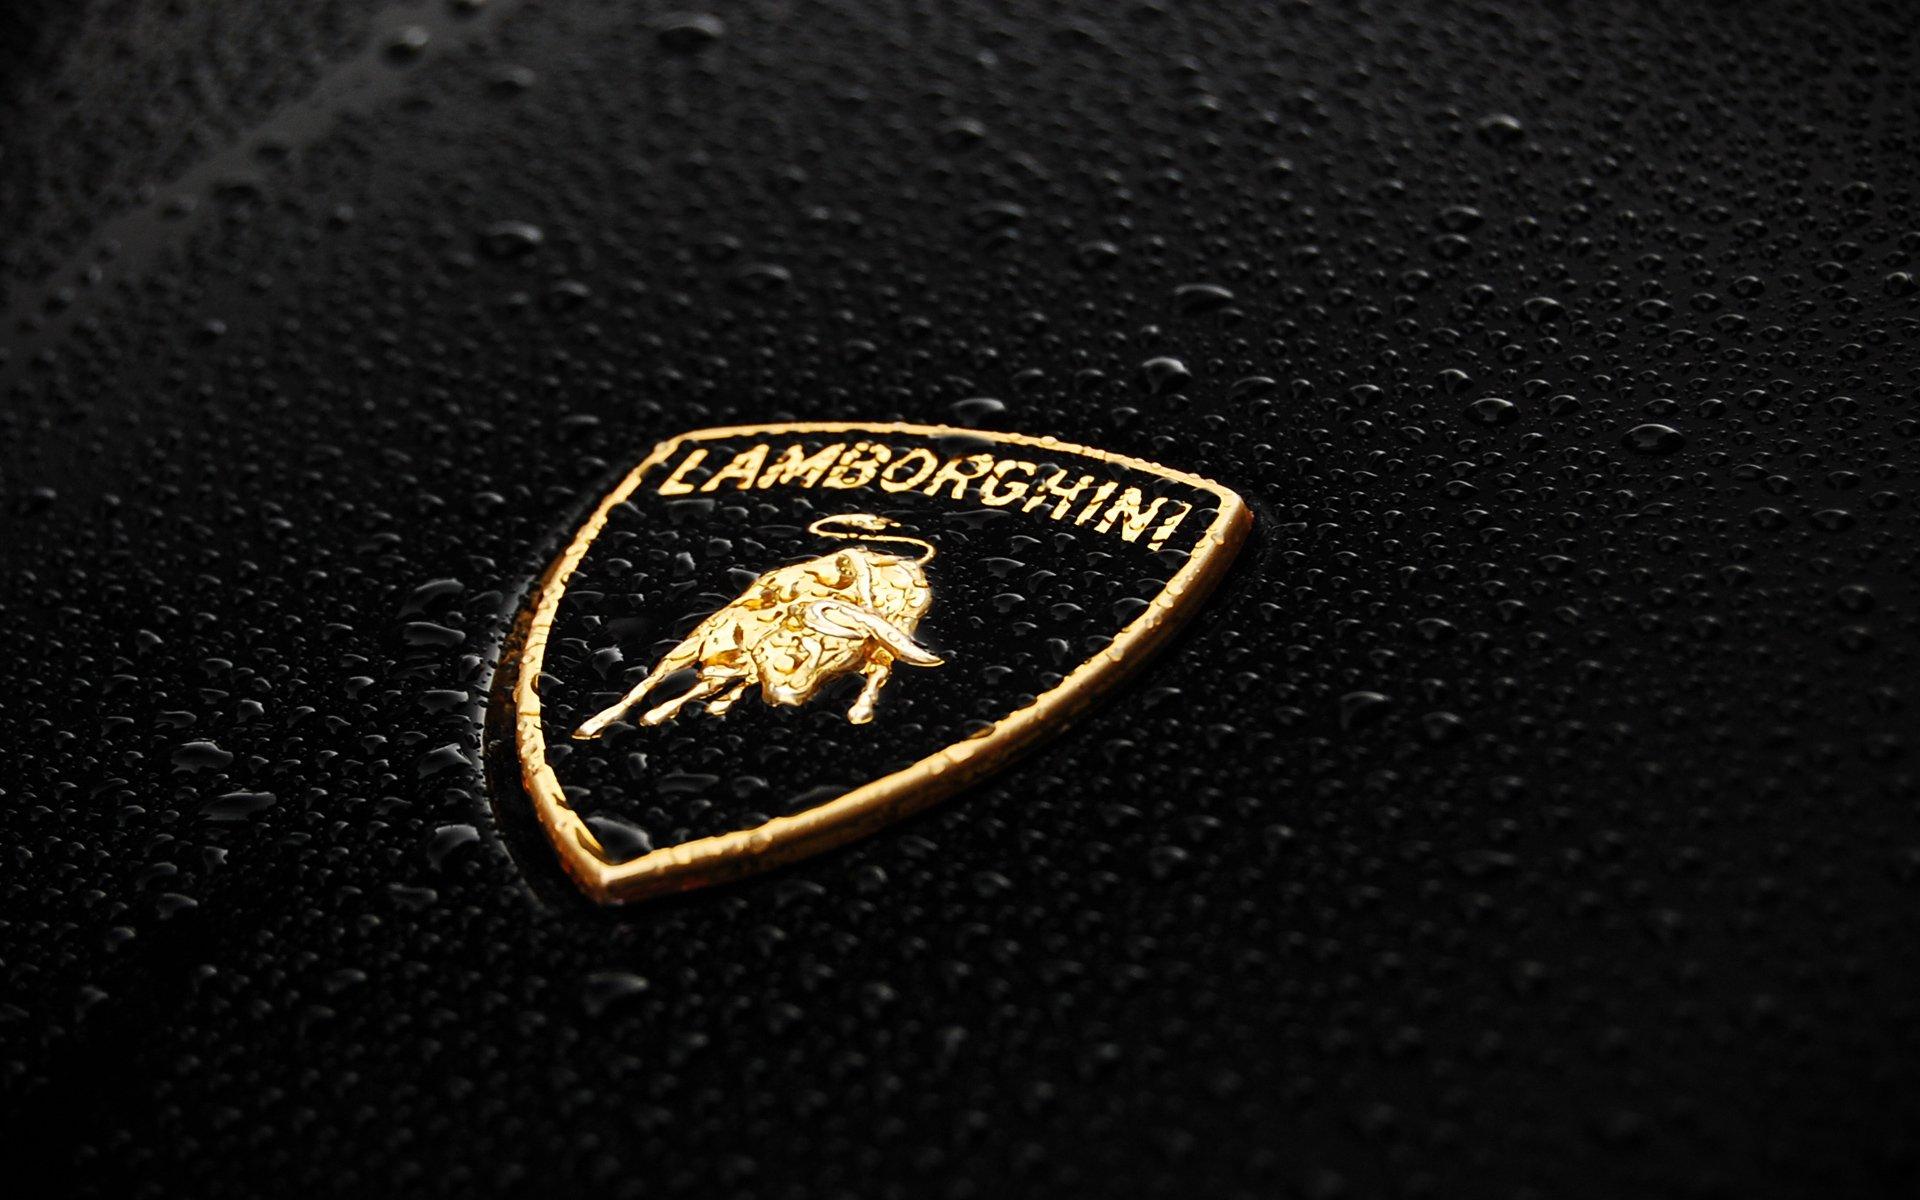 Lamborghini Phone arriverà sul mercato con l'aiuto di Dasan Networks